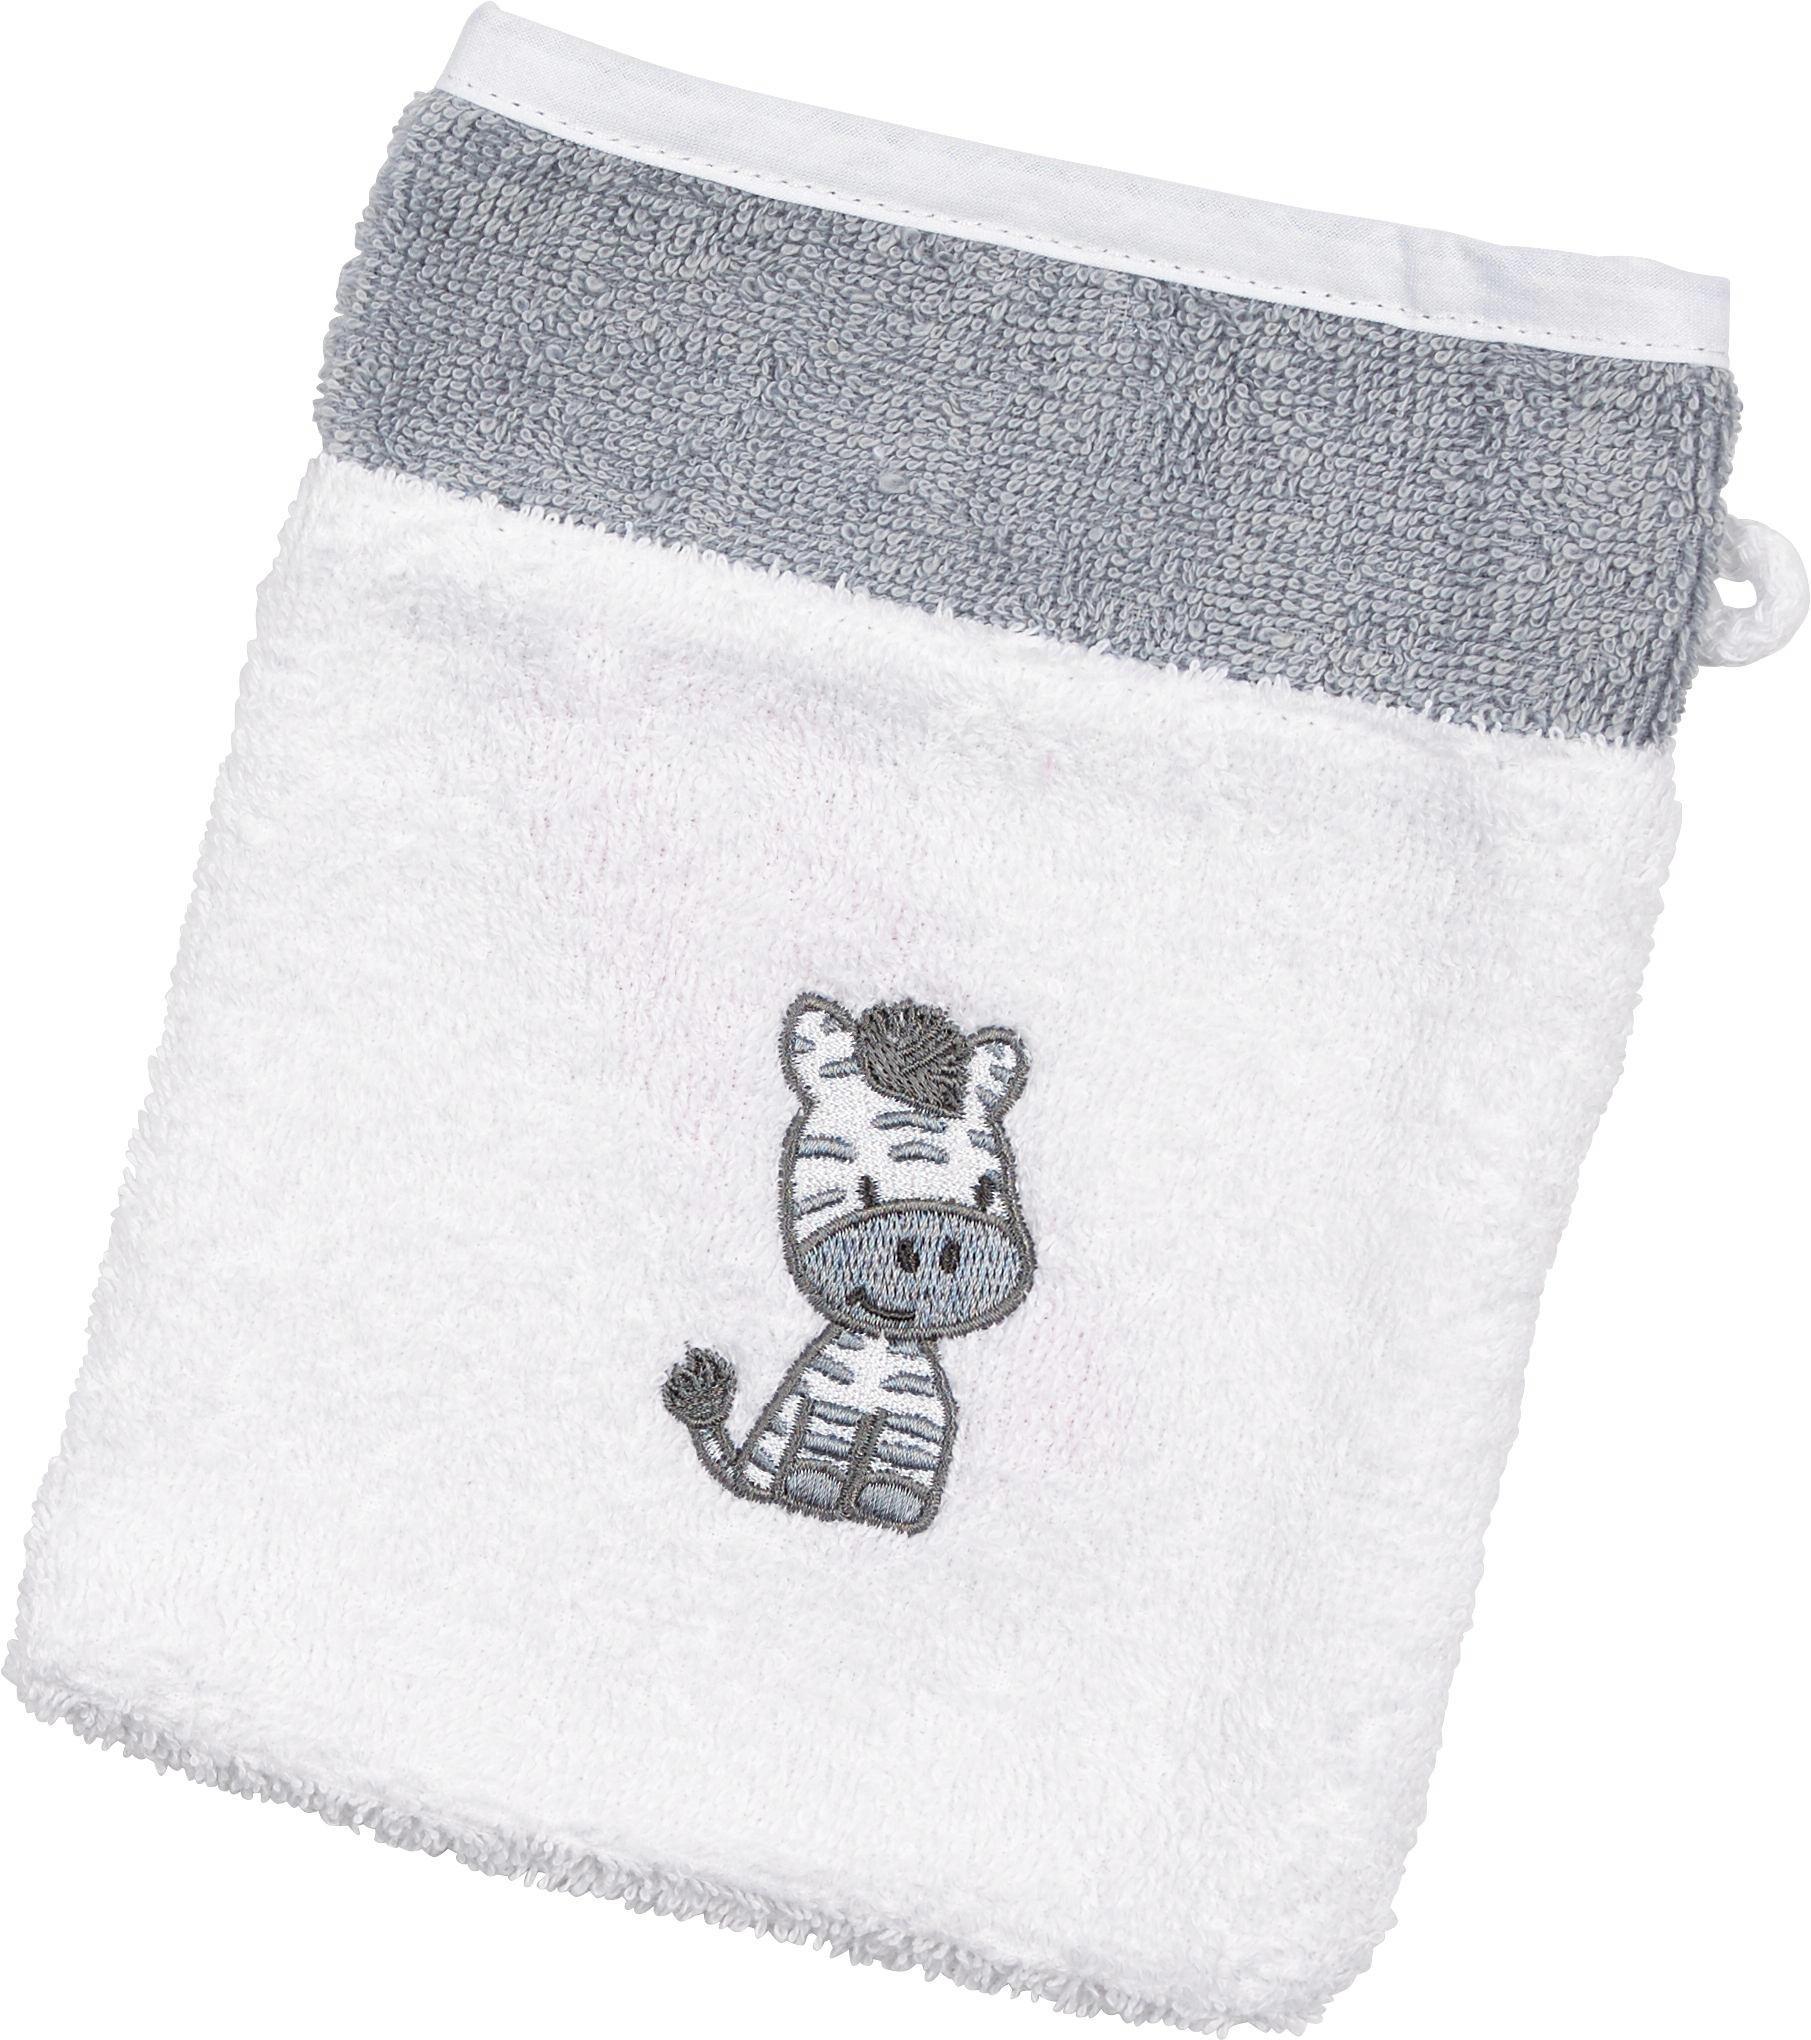 BABYWASCHHANDSCHUH - Weiß/Grau, Textil (16/20cm) - MY BABY LOU